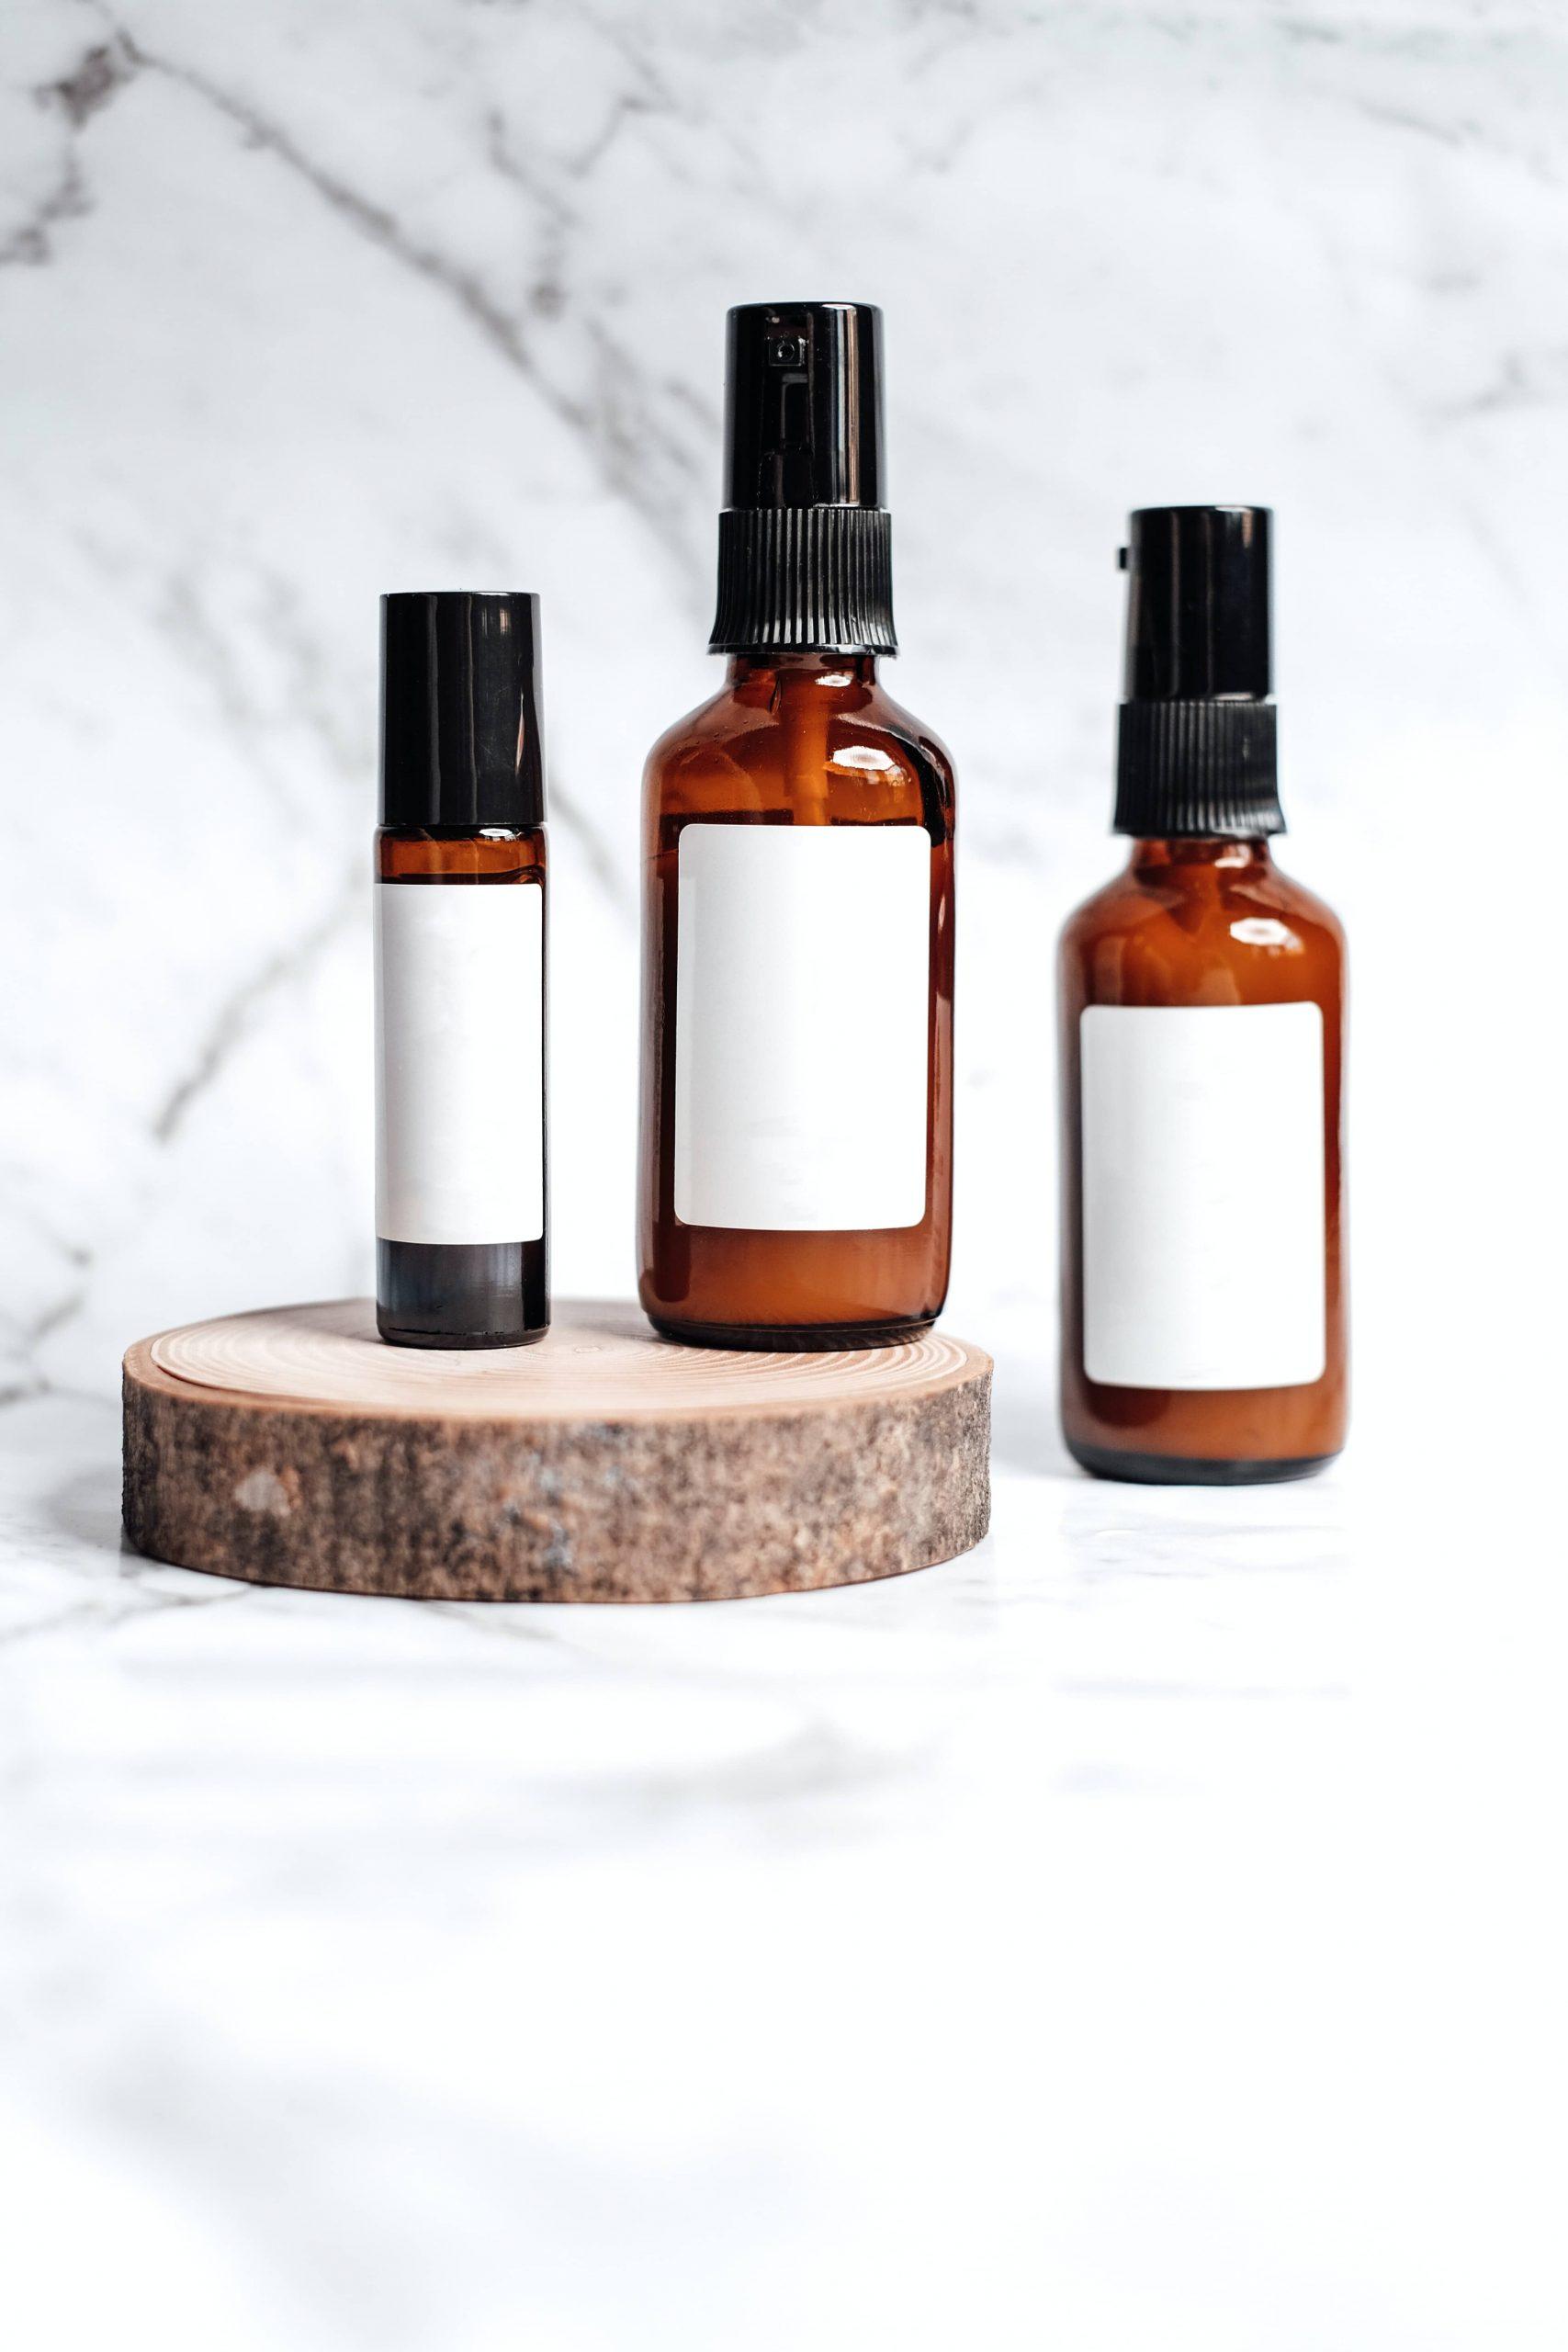 bocaux-recyclables-consigne-creation-maison-aromatherapie